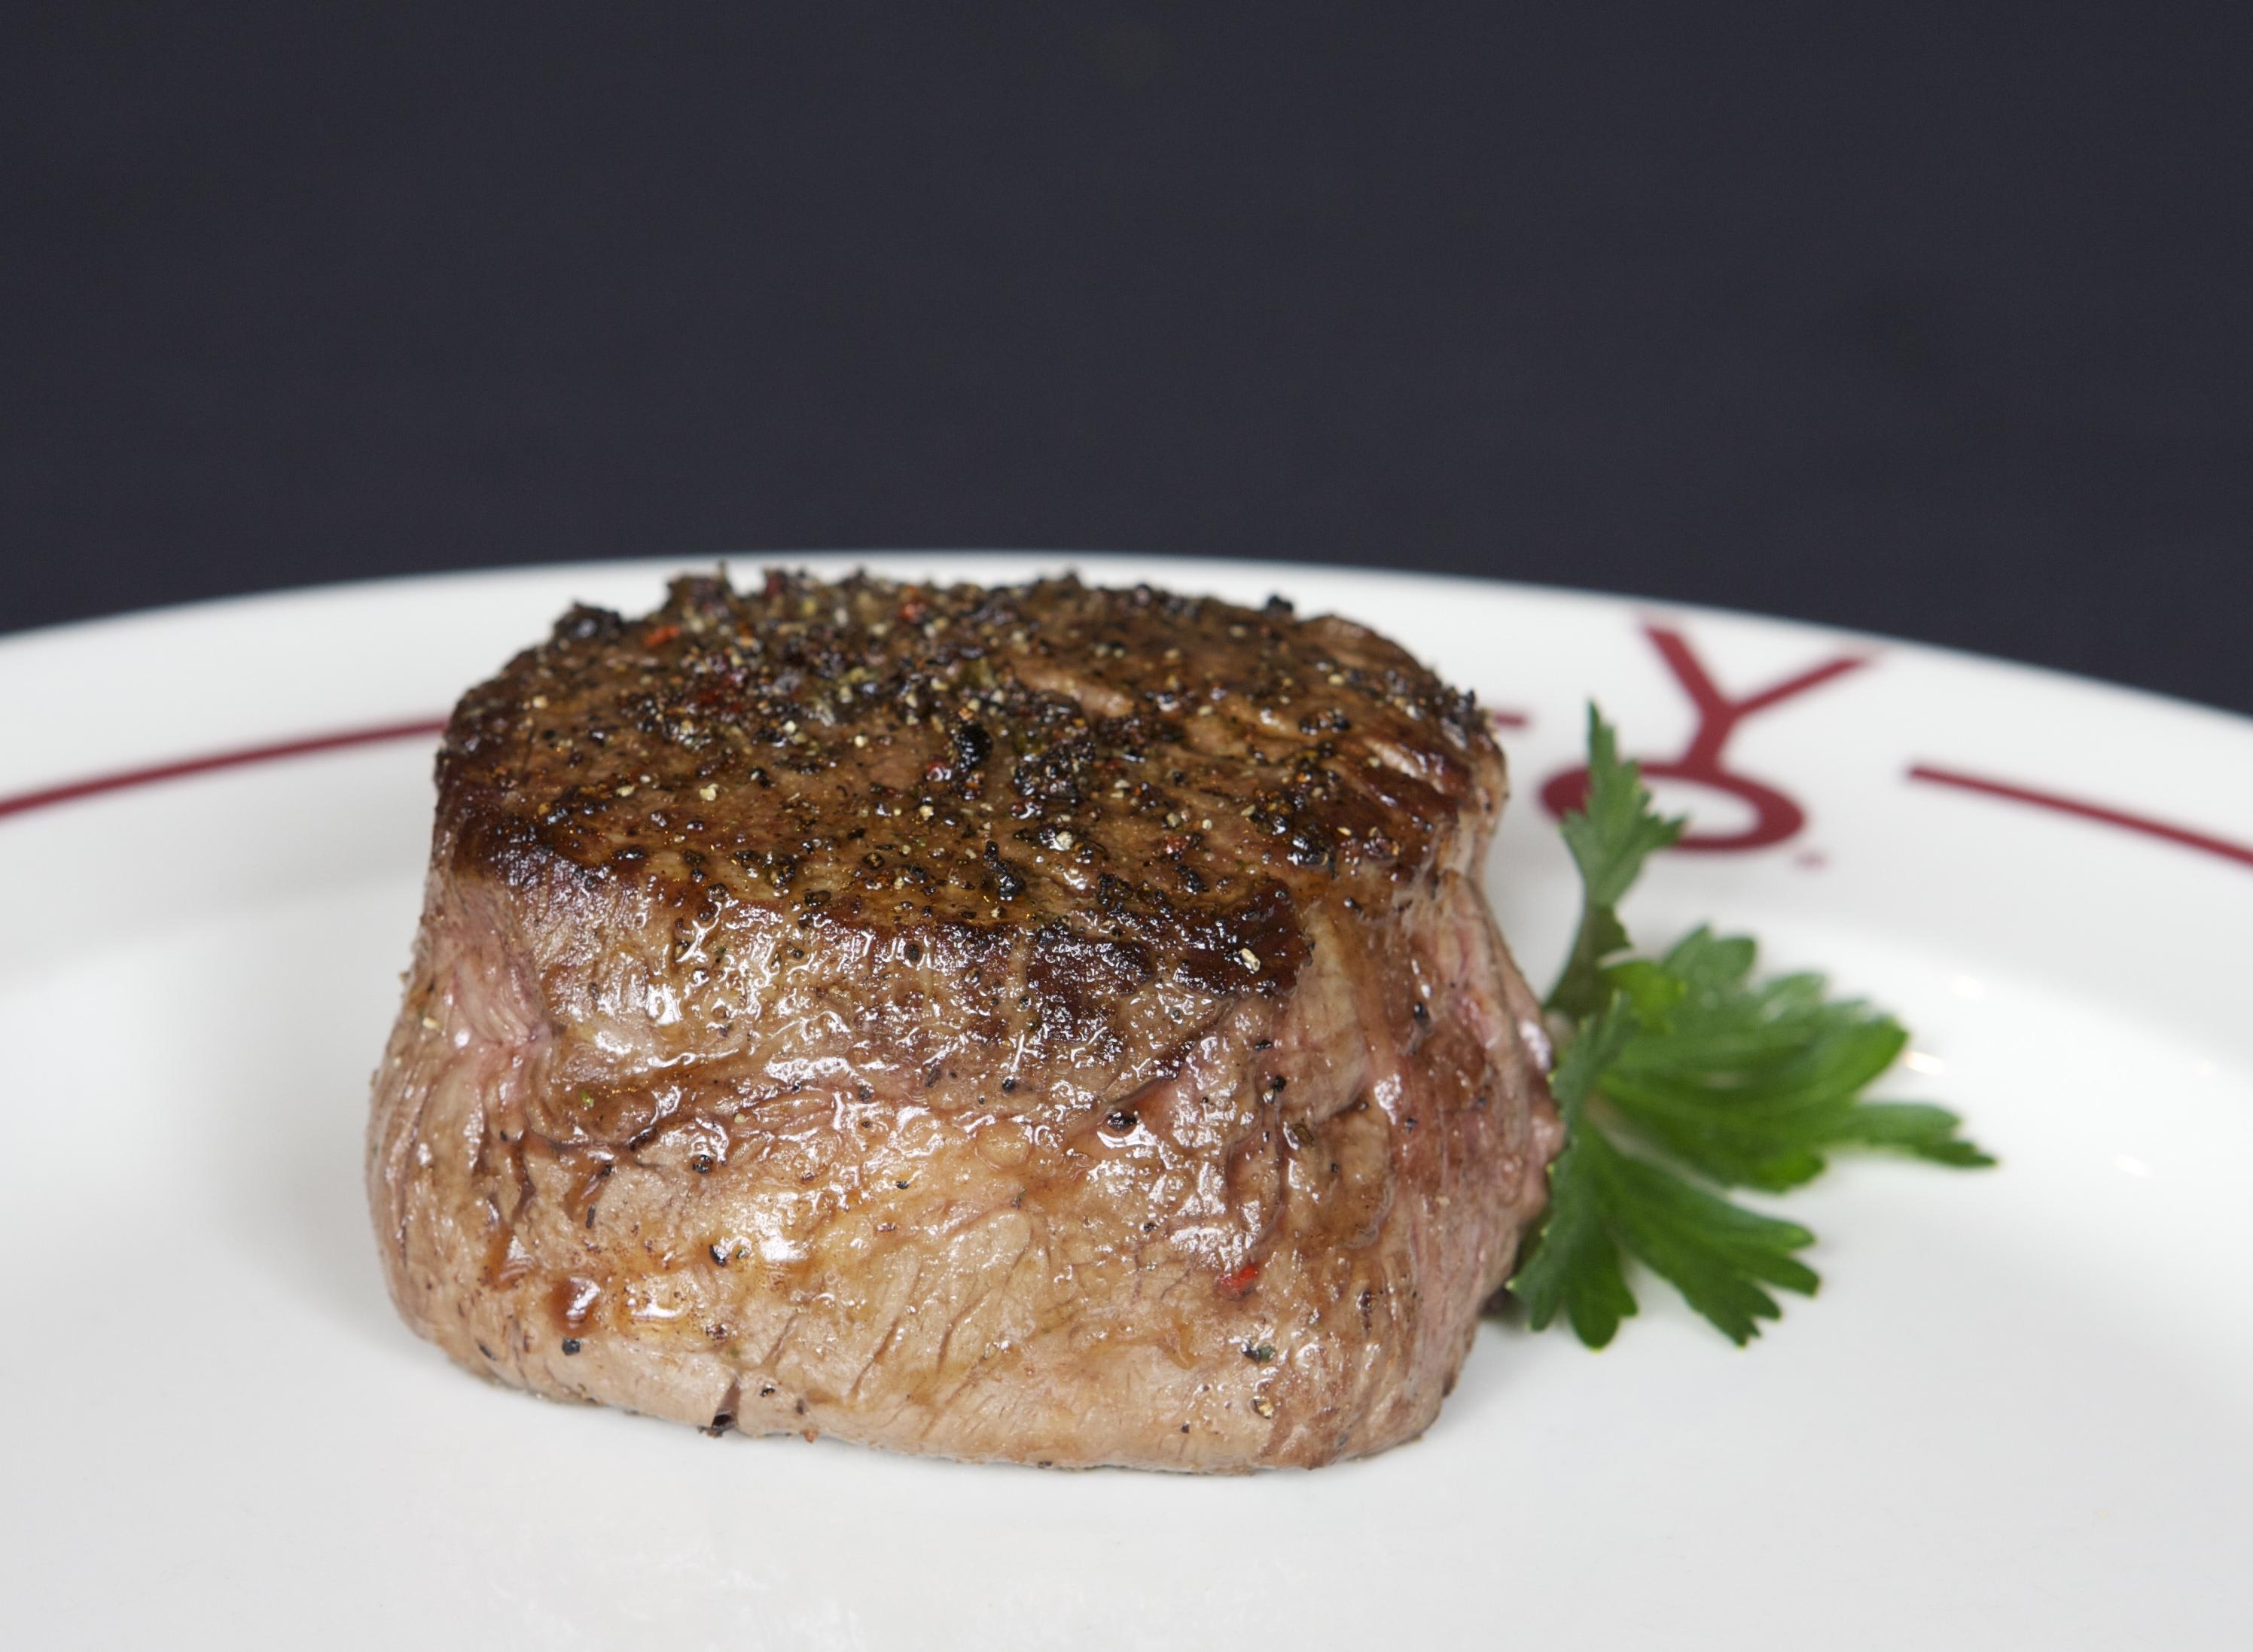 Buffalo Filet Mignon at Y.O. Ranch Steakhouse